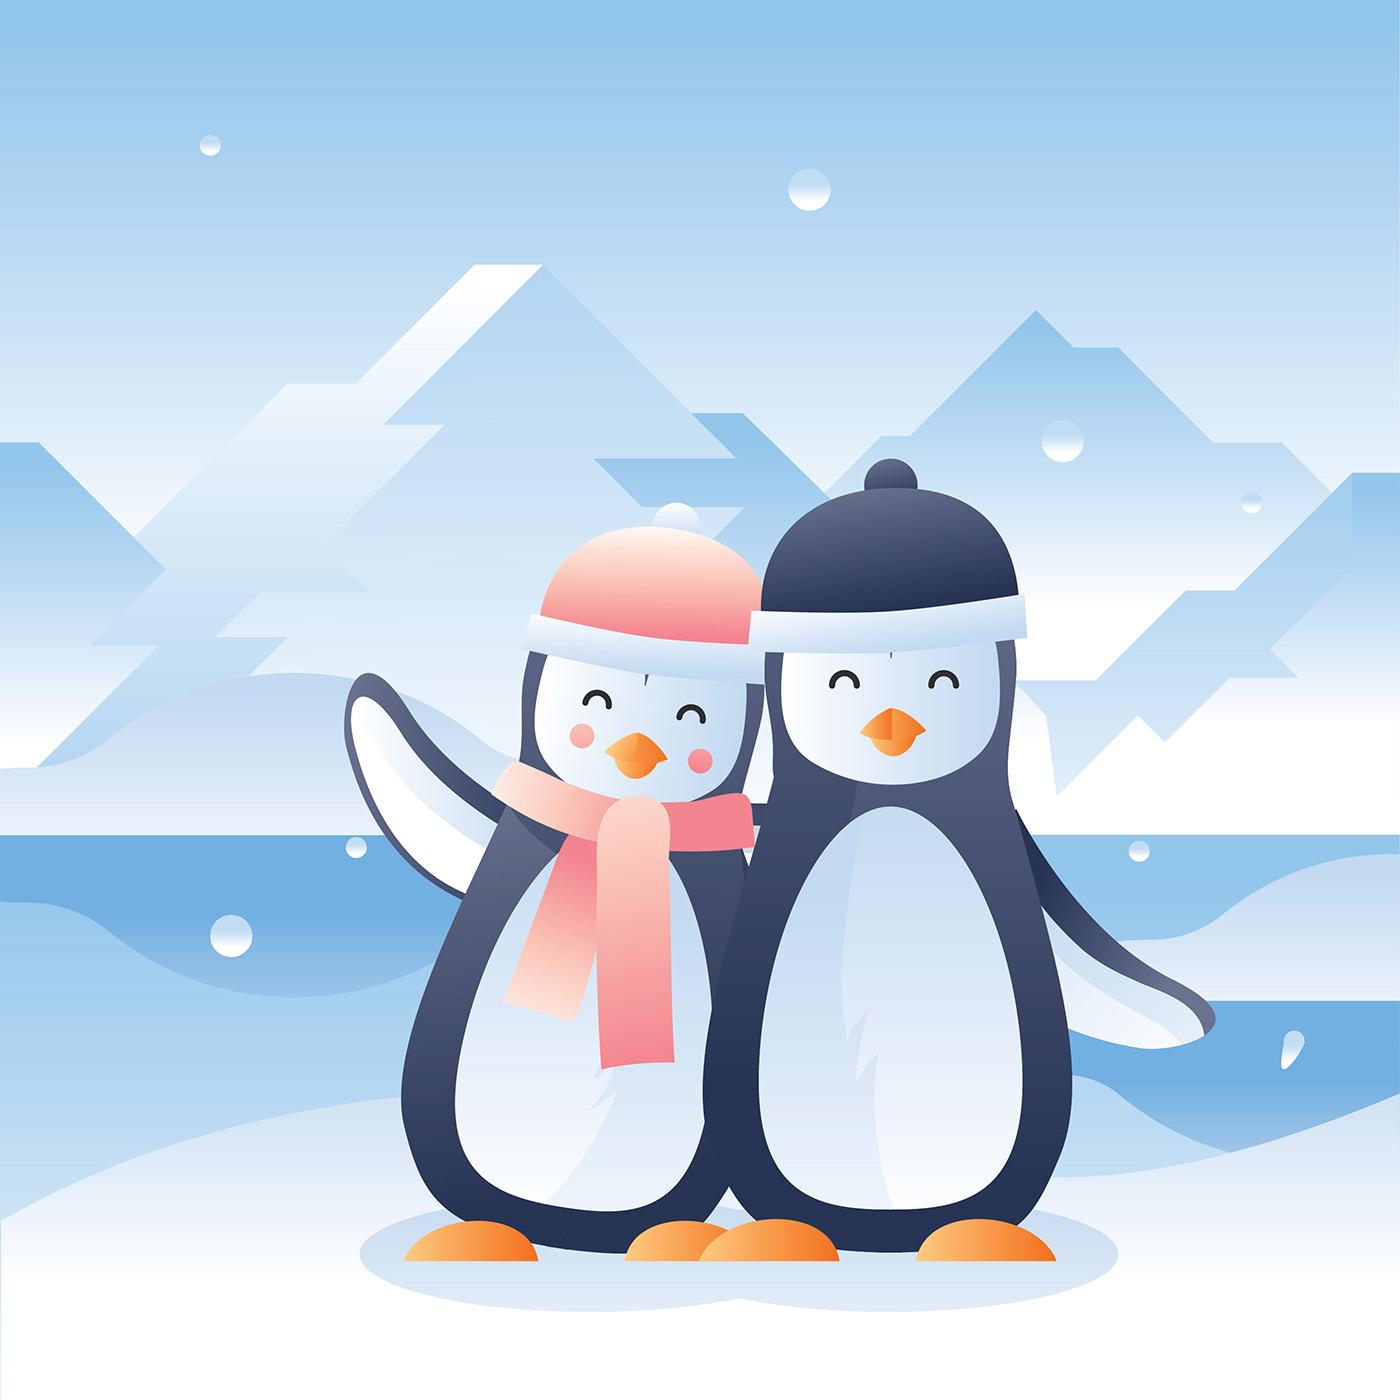 Penguins In Love Vector Download Free Vectors Clipart